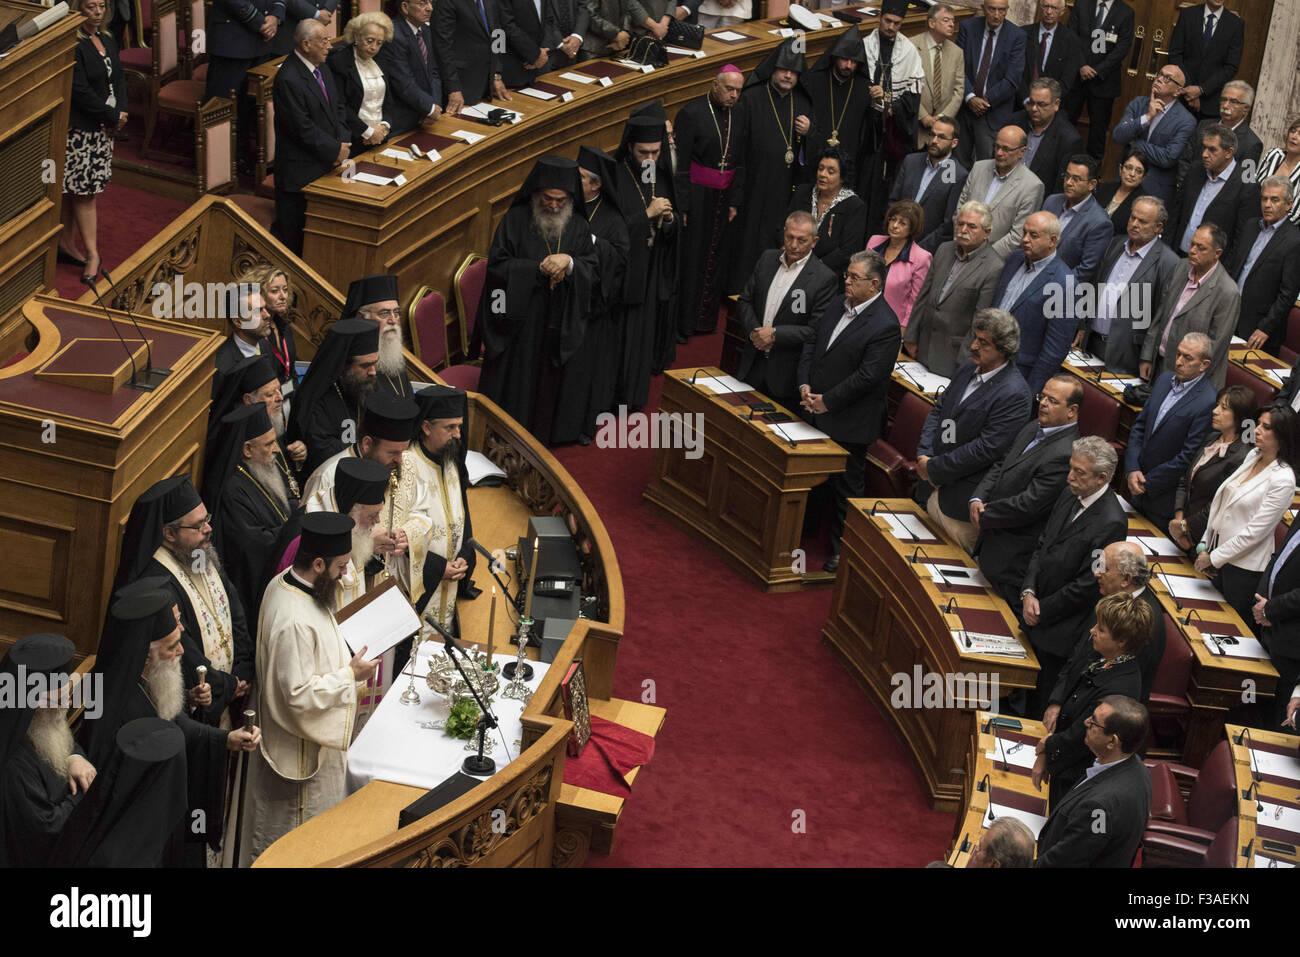 Atene, Grecia. 3° Ott, 2015. MPs prestare giuramento prima dell'arcivescovo di Grecia. Il nuovo Parlamento greco è stato giurato in secondo la procedura ufficiale dopo il xx settembre elezioni nazionali. Credito: Nikolas Georgiou/ZUMA filo/Alamy Live News Foto Stock